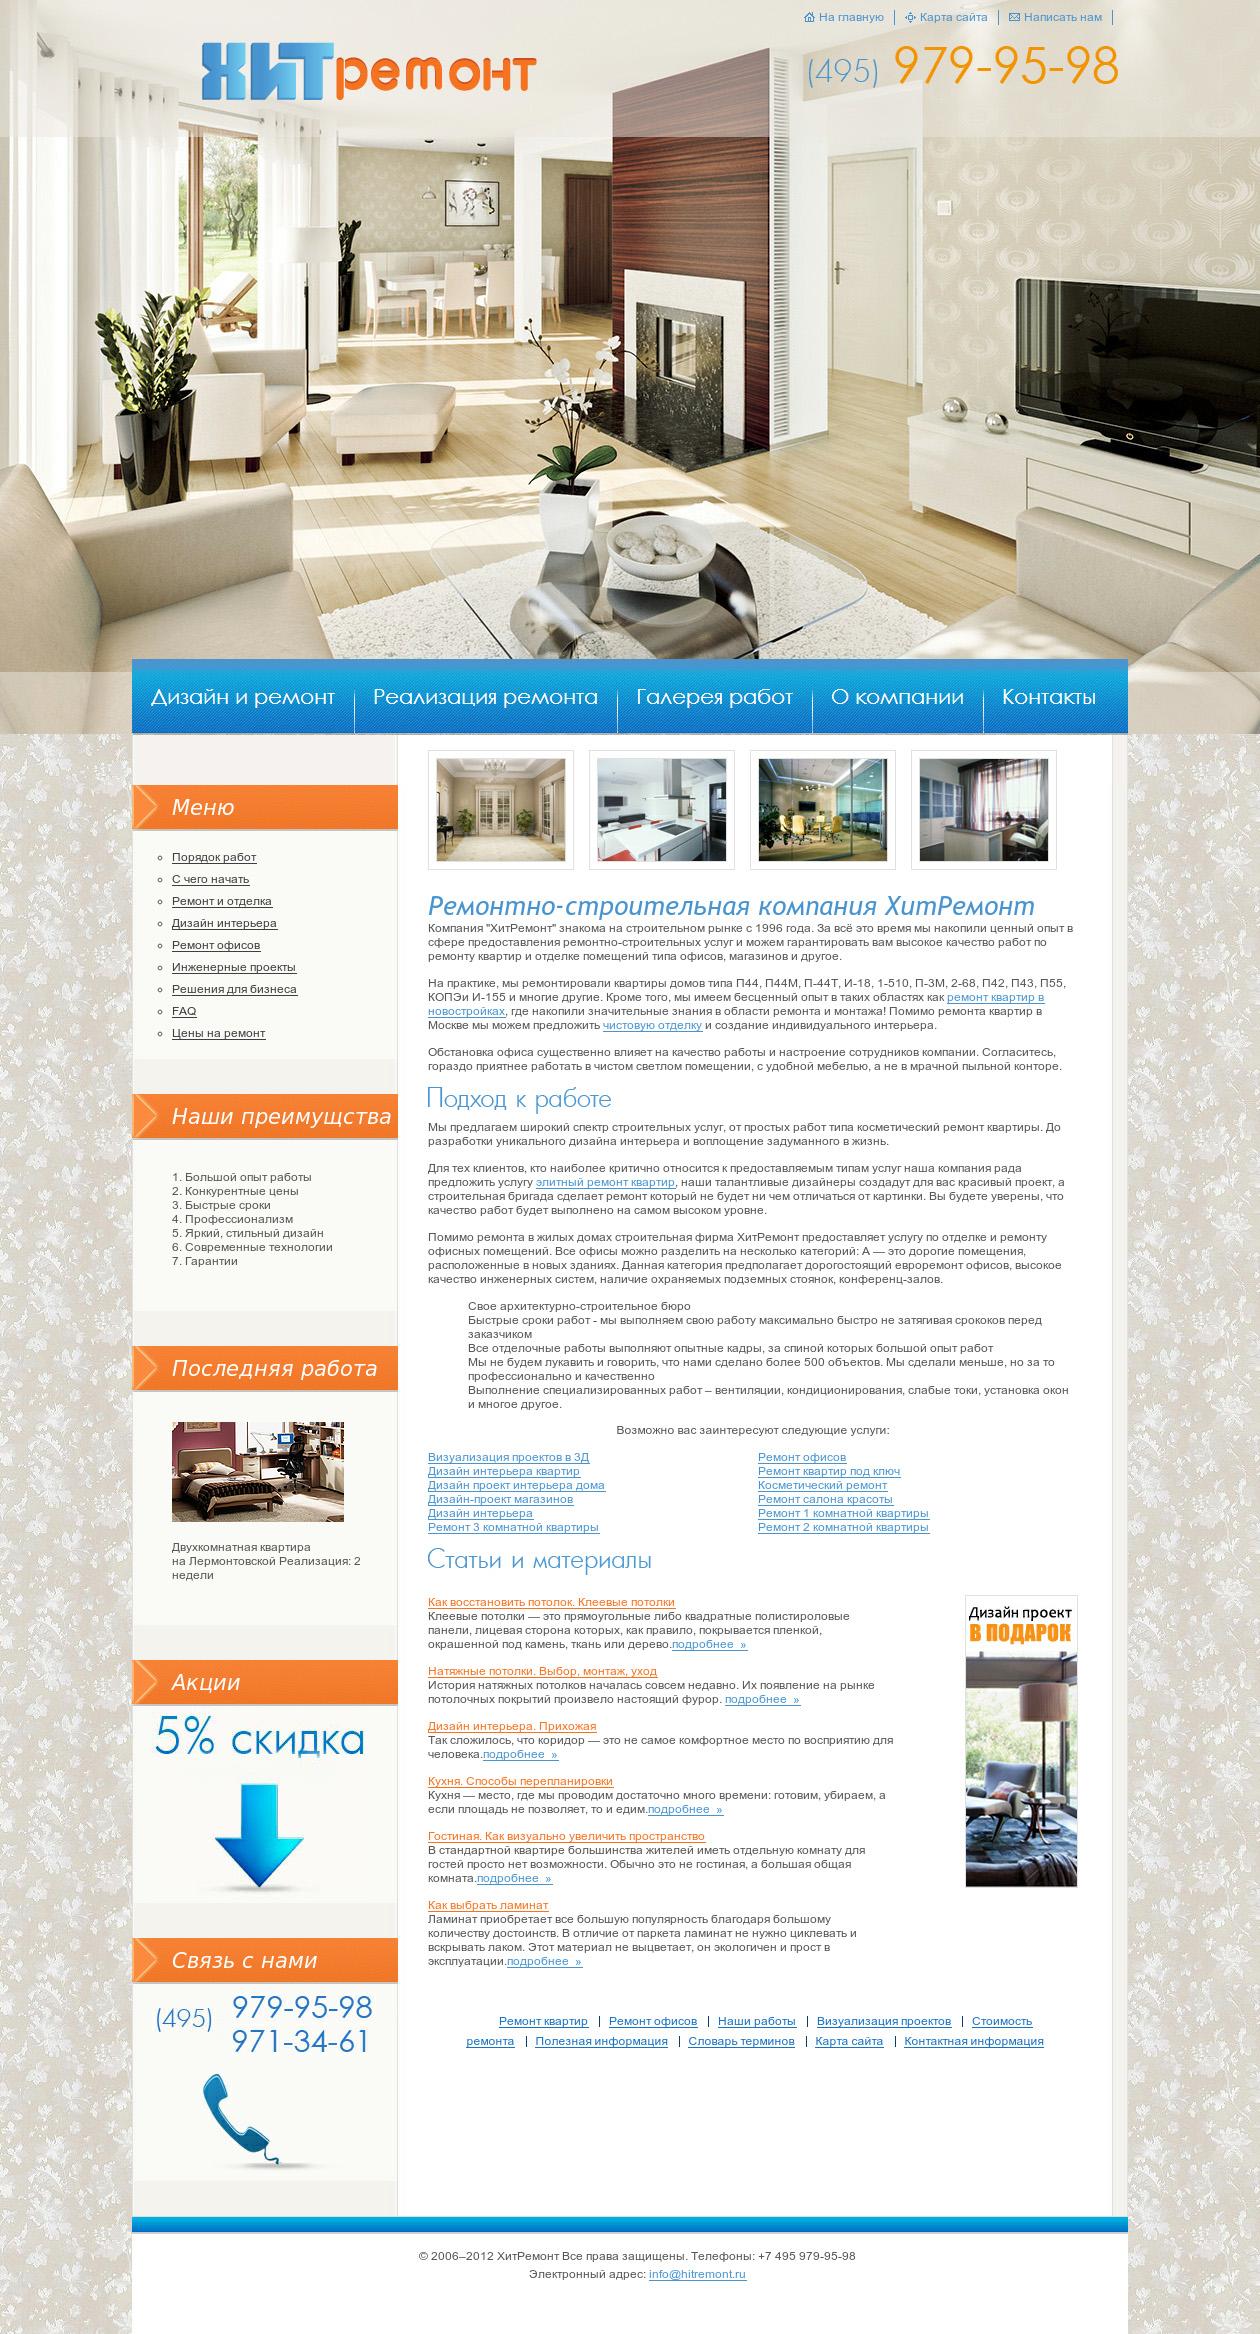 Дизайн и ремонт квартир под ключ в Москве. Проект 49